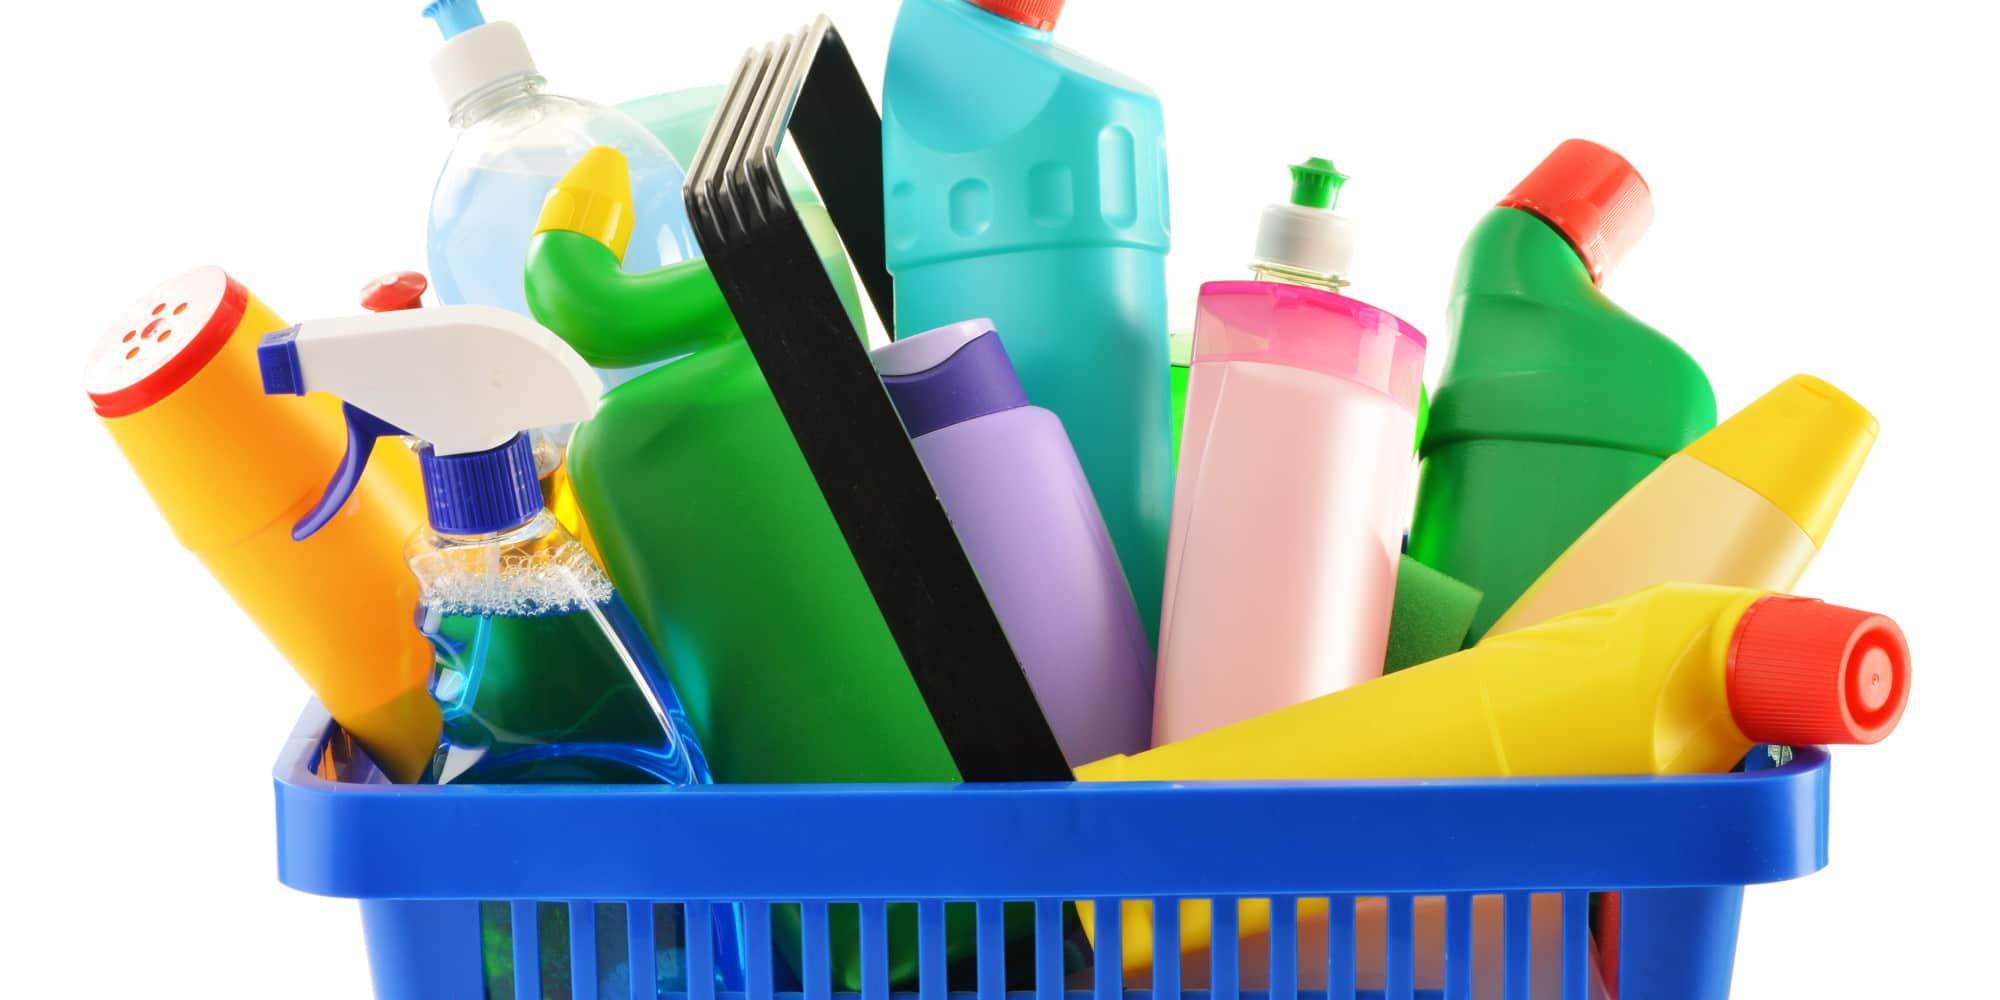 ОКВЭД дезинфицирующие и моющие средства